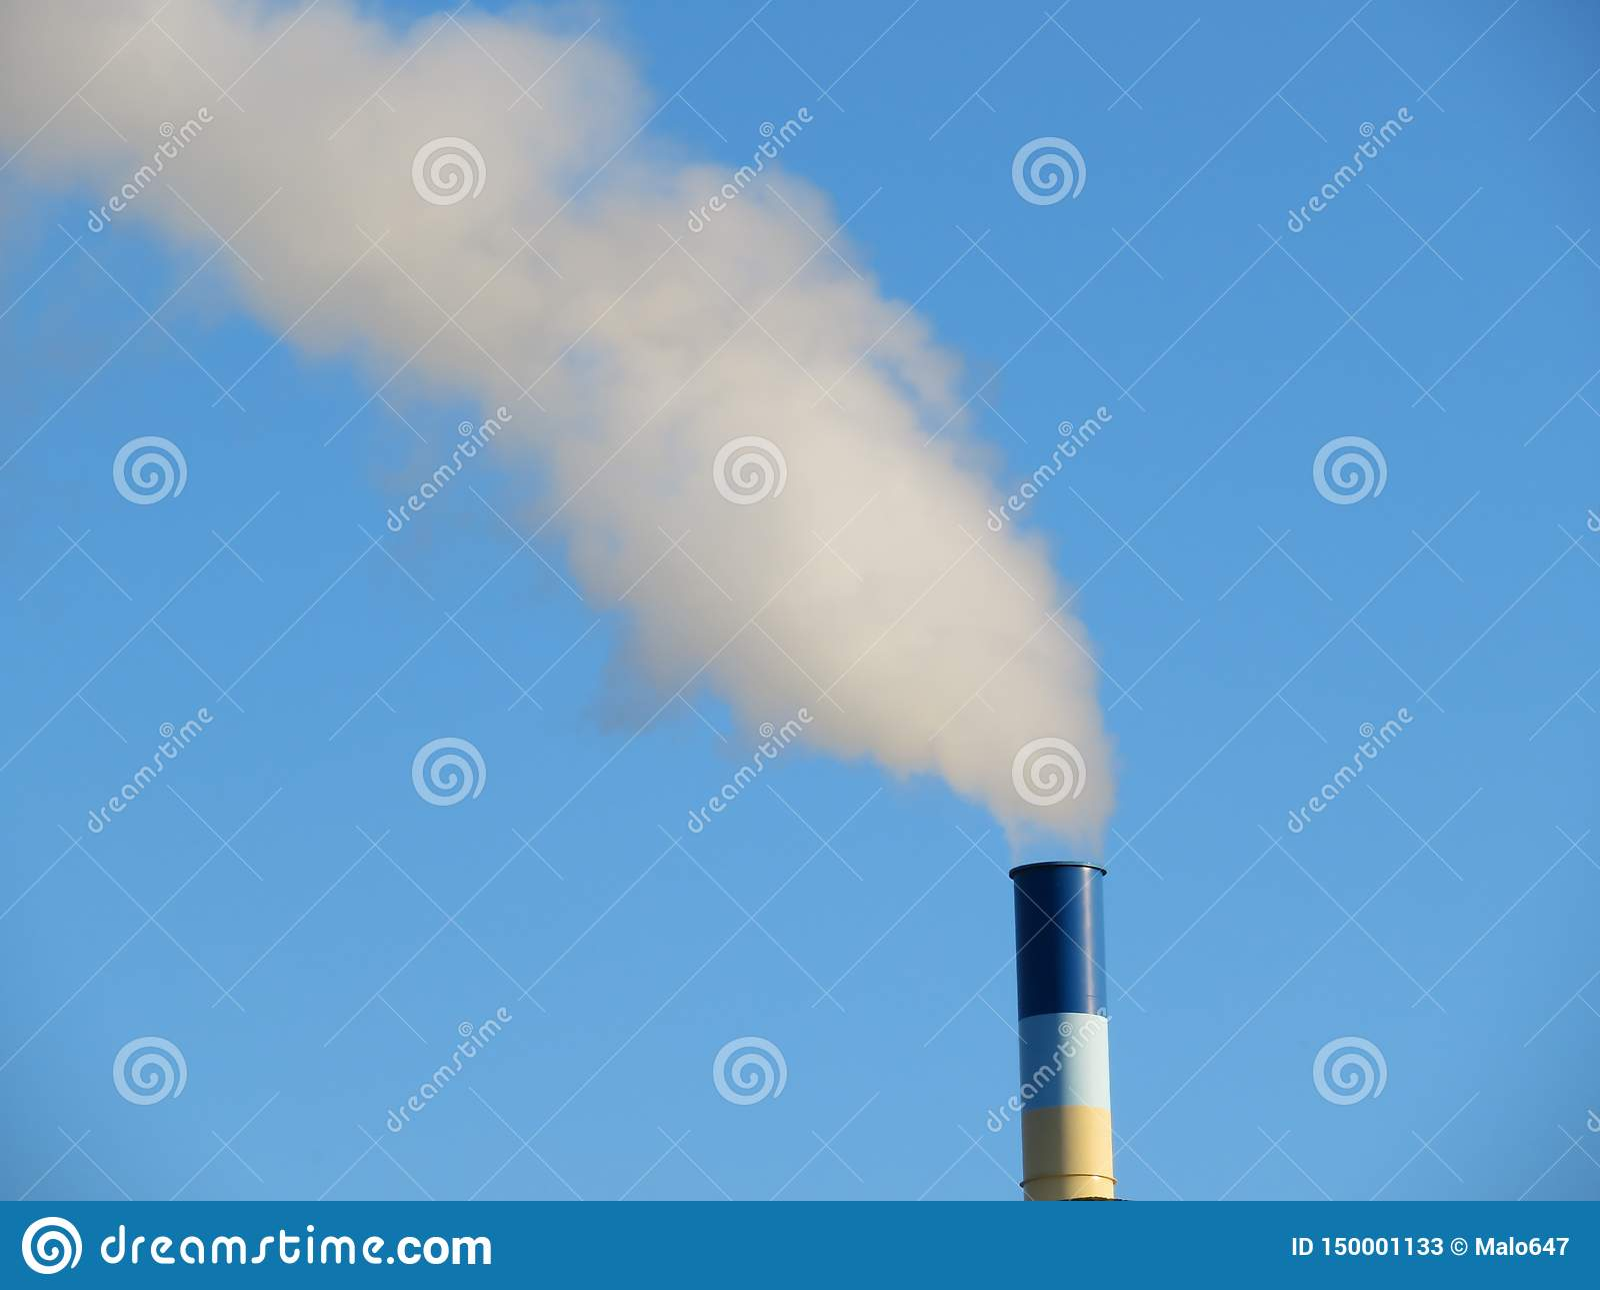 Εστία που απελευθερώνει τις μεγάλες ποσότητες του καπνού που χάνονται στην ατμόσφαιρα